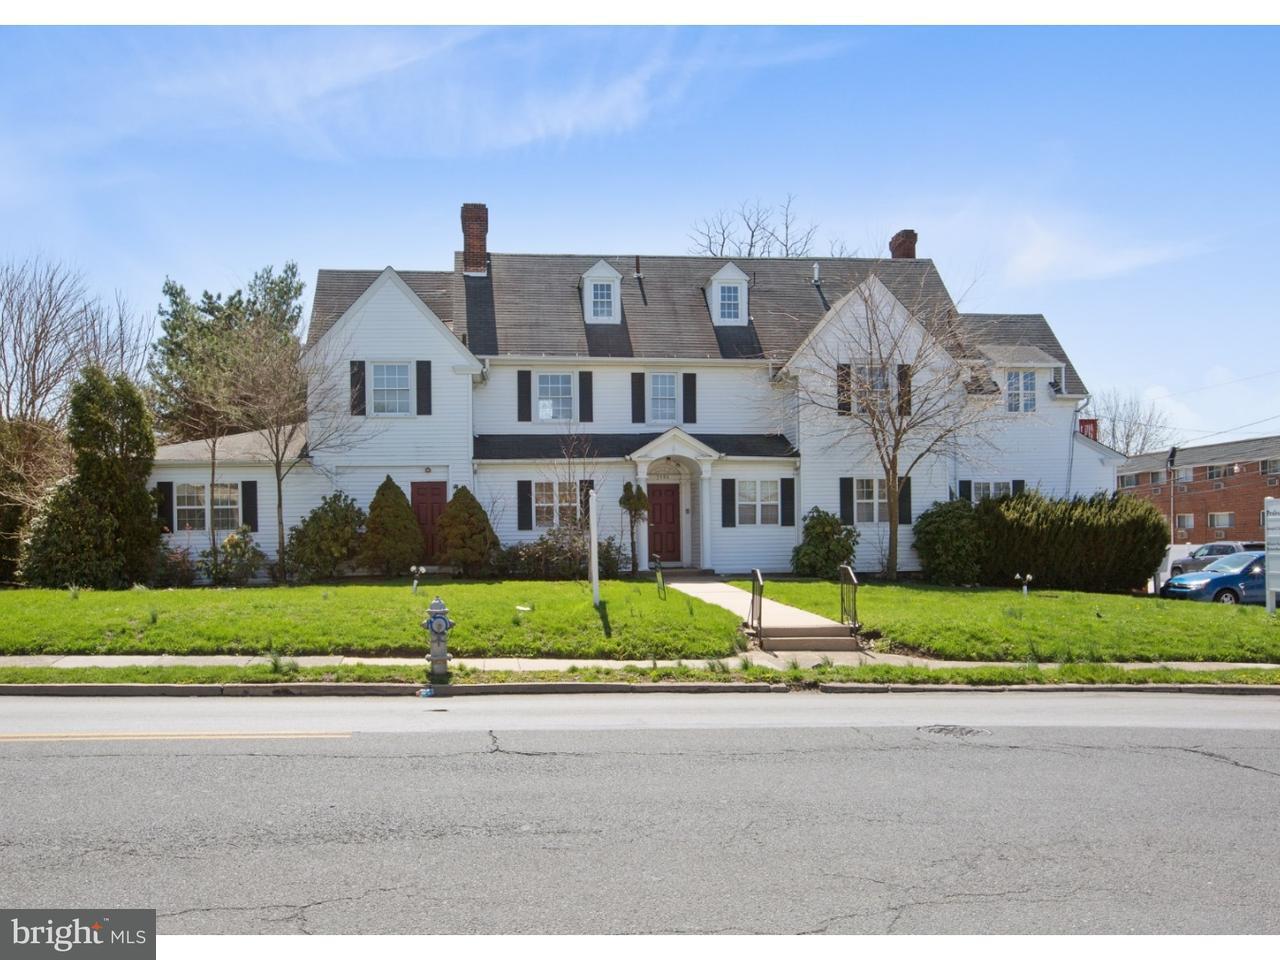 独户住宅 为 销售 在 3400 GARRETT Road Drexel Hill, 宾夕法尼亚州 19026 美国